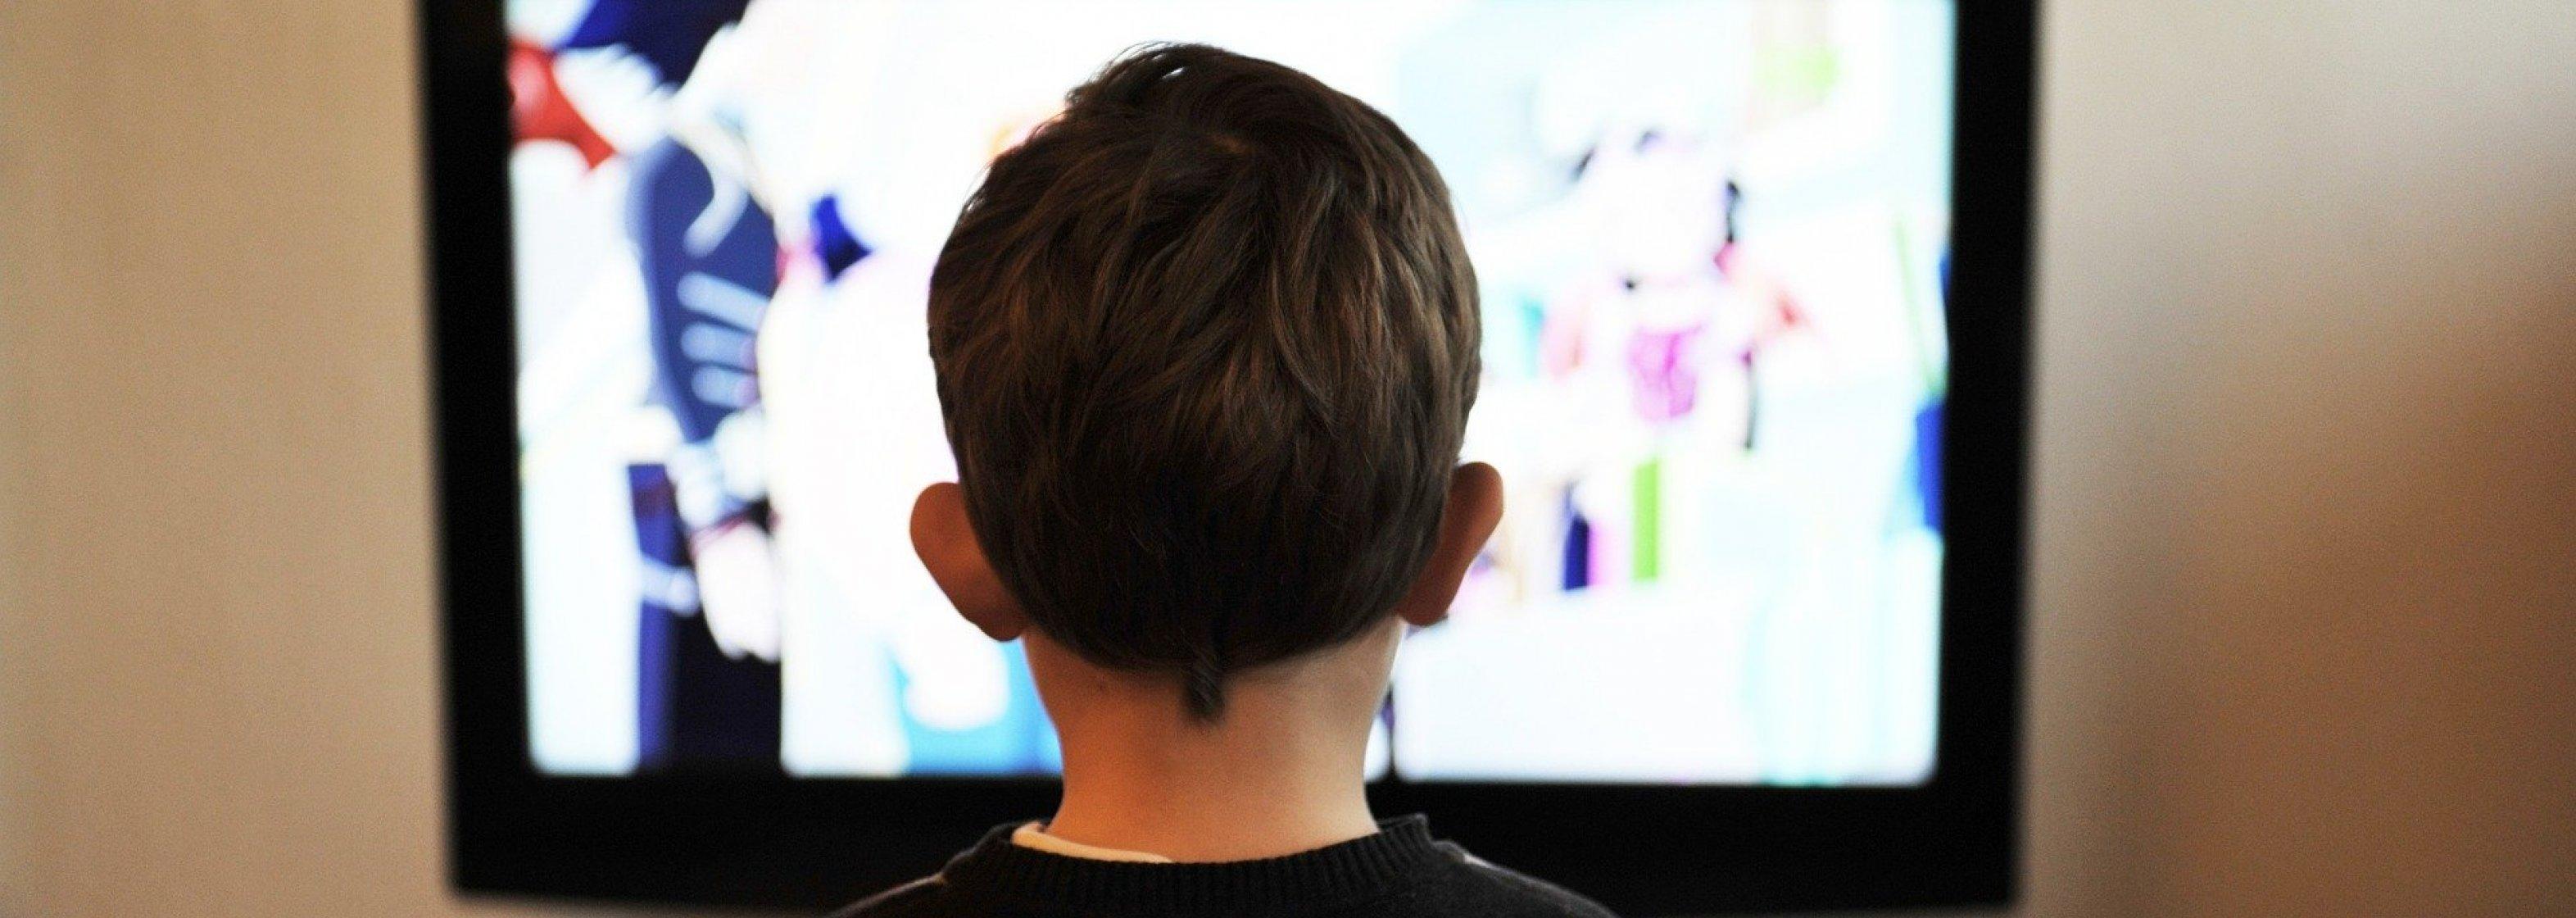 Kind vor Fernseher - Werbung